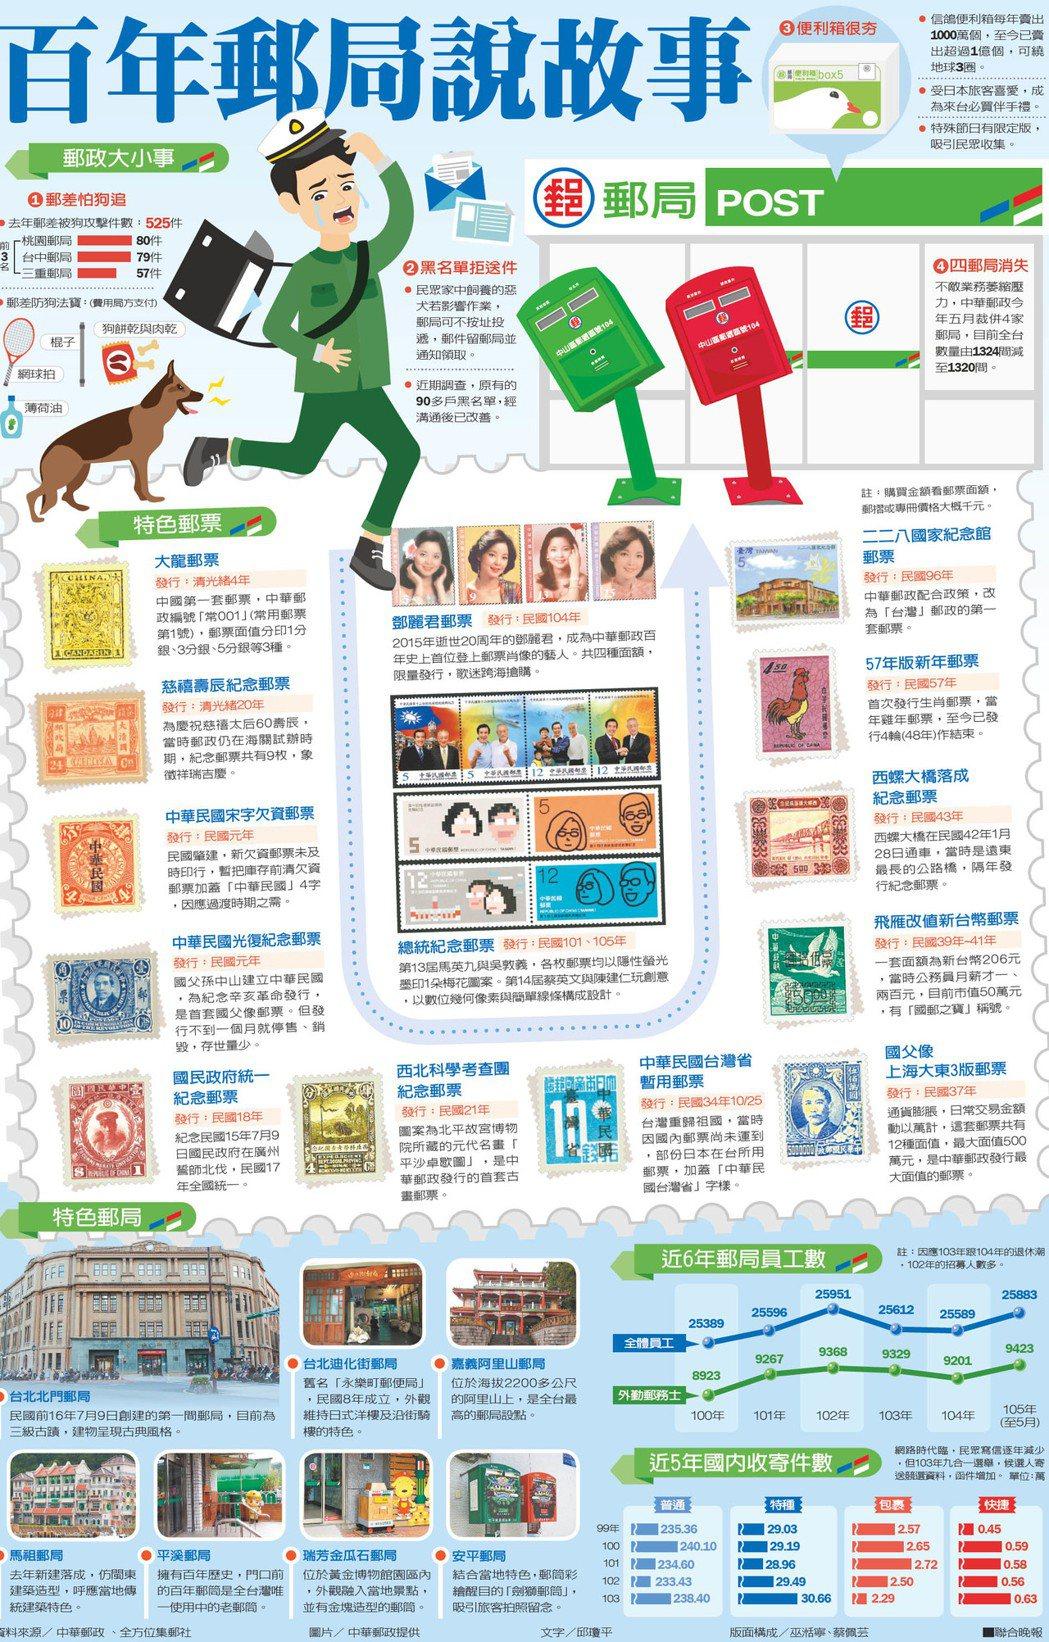 百年郵局說故事資料來源/ 中華郵政 、全方位集郵社圖片/ 中華郵政提供